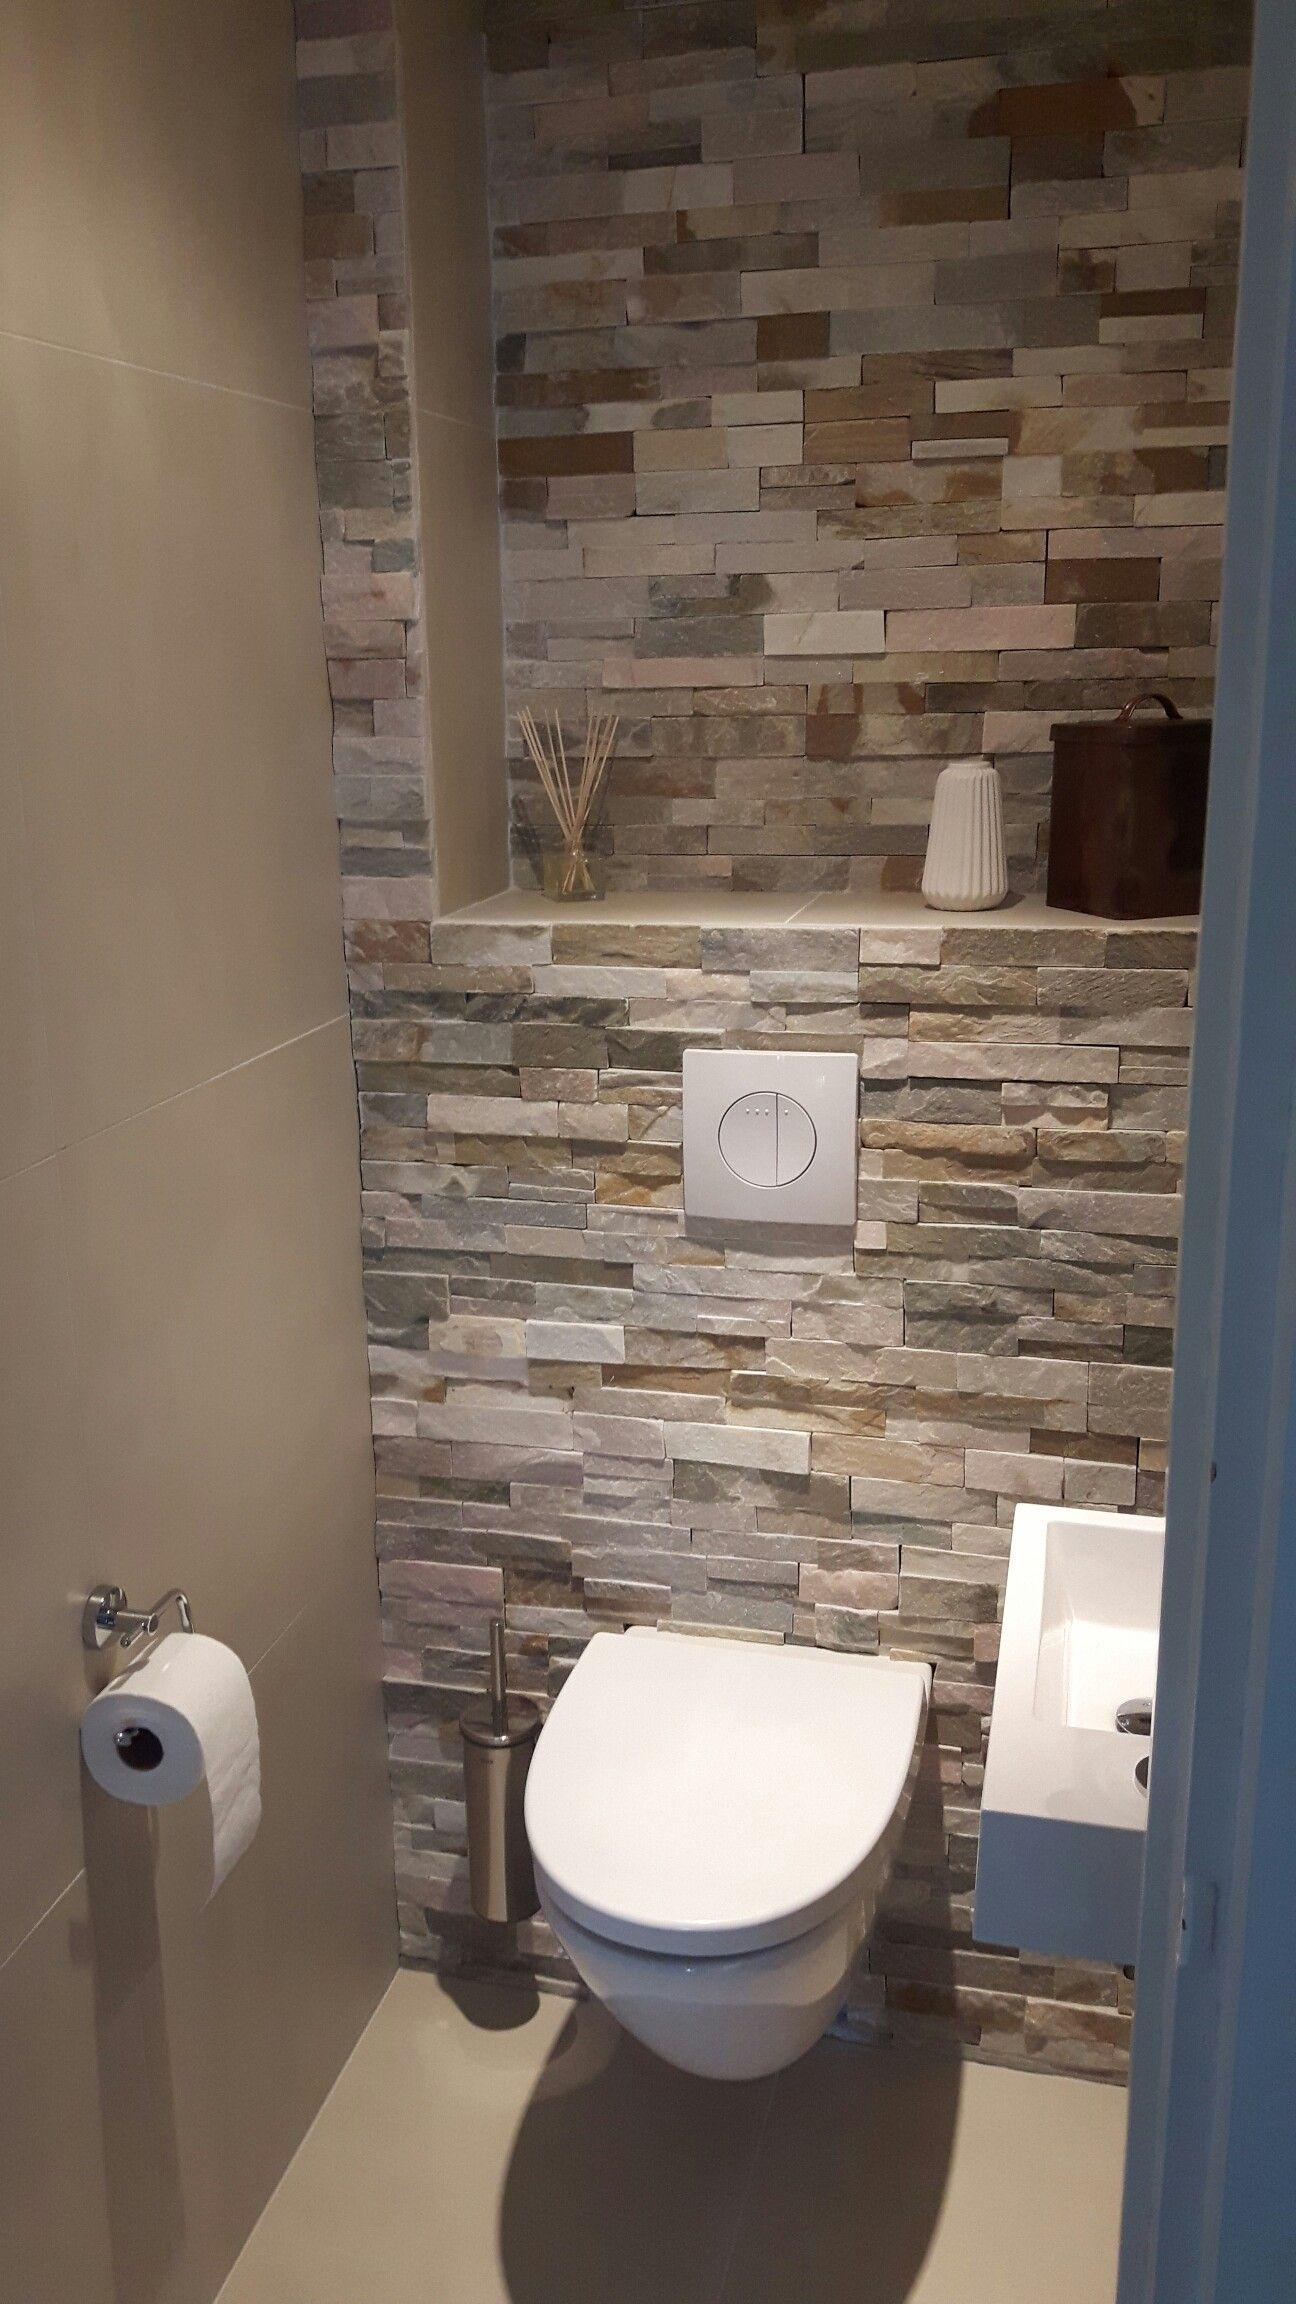 Idee Papier Peint Wc toilet weer goed gelukt | idée déco toilettes, décoration